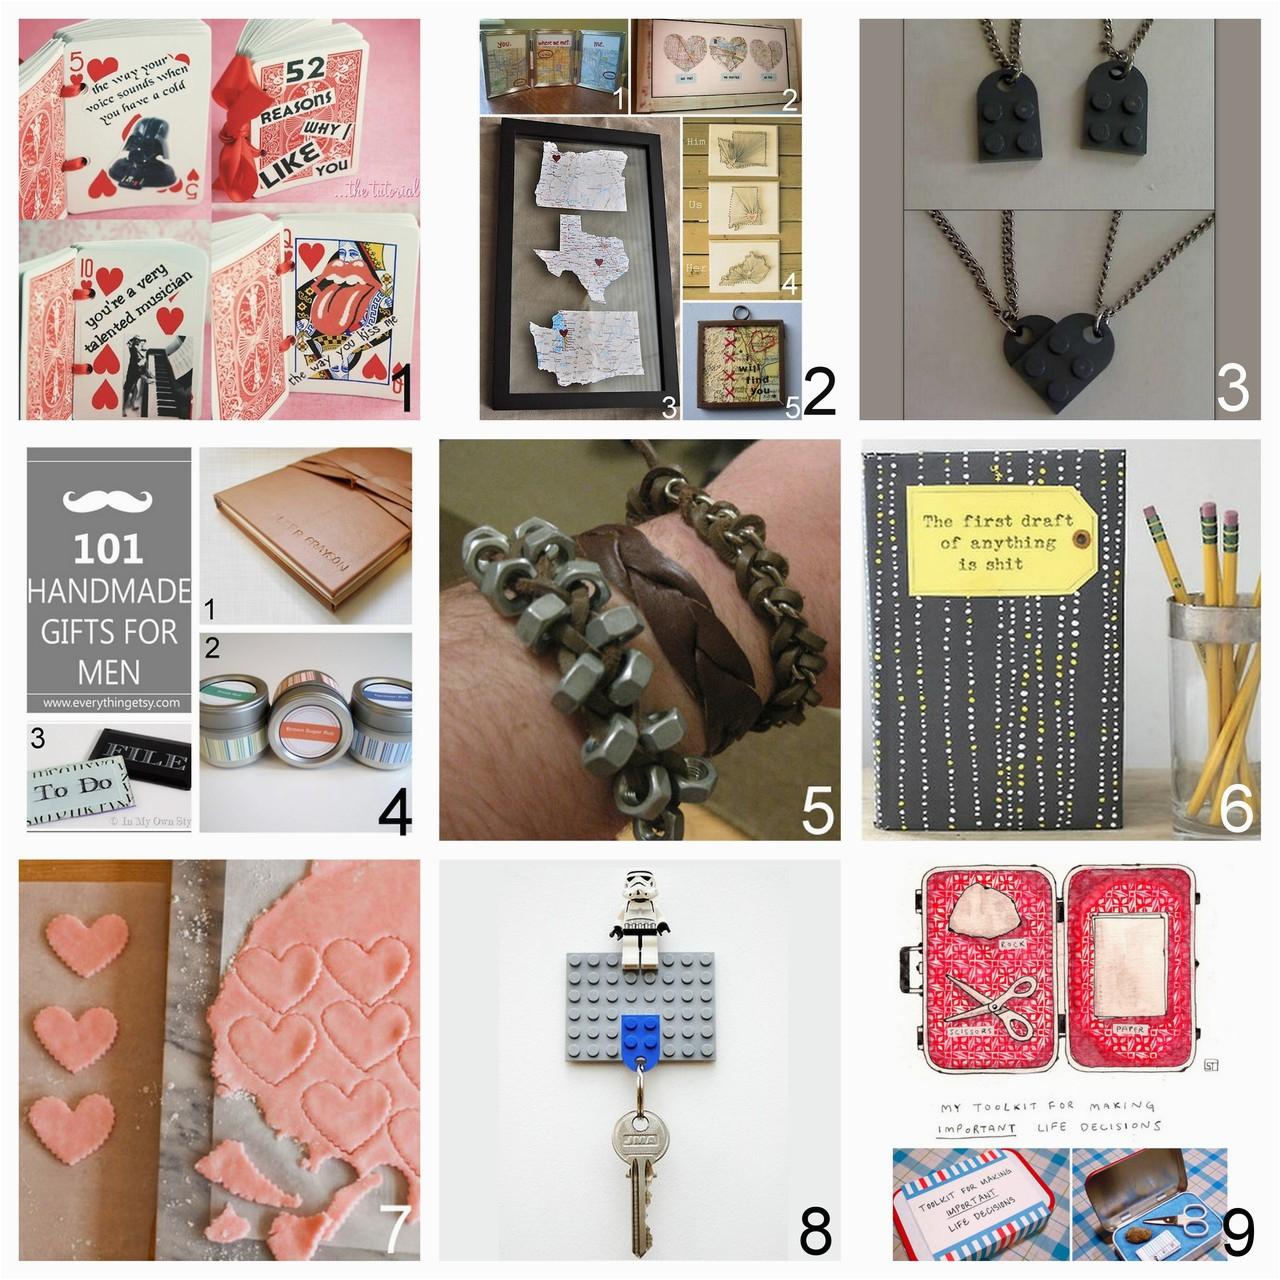 post diy gift ideas for boyfriend 130536